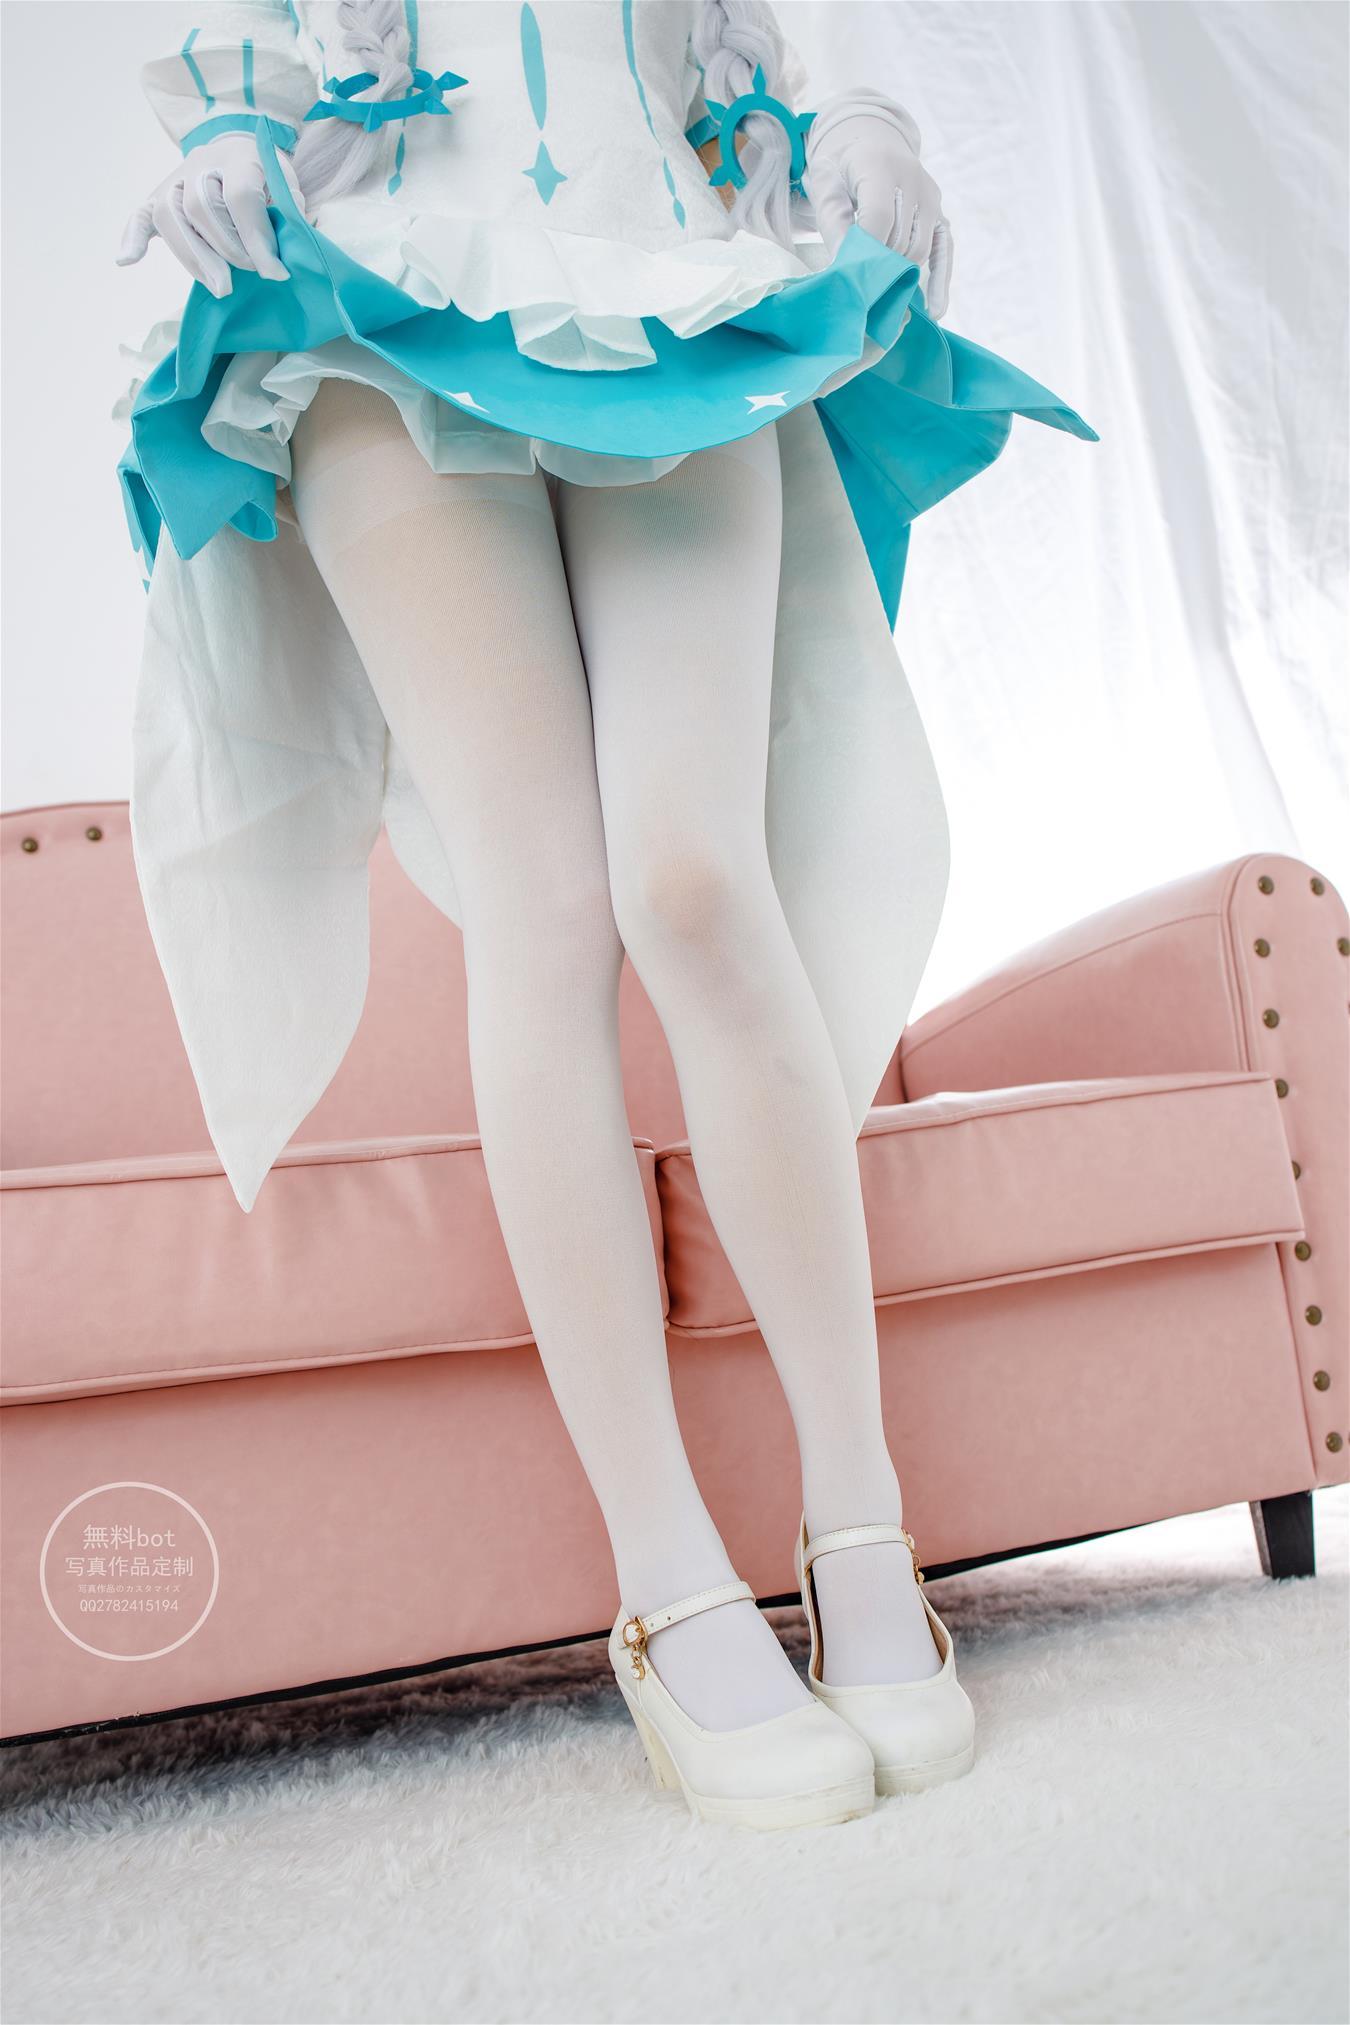 森萝财团 有料-010 小奶糕 白丝50D [74P]